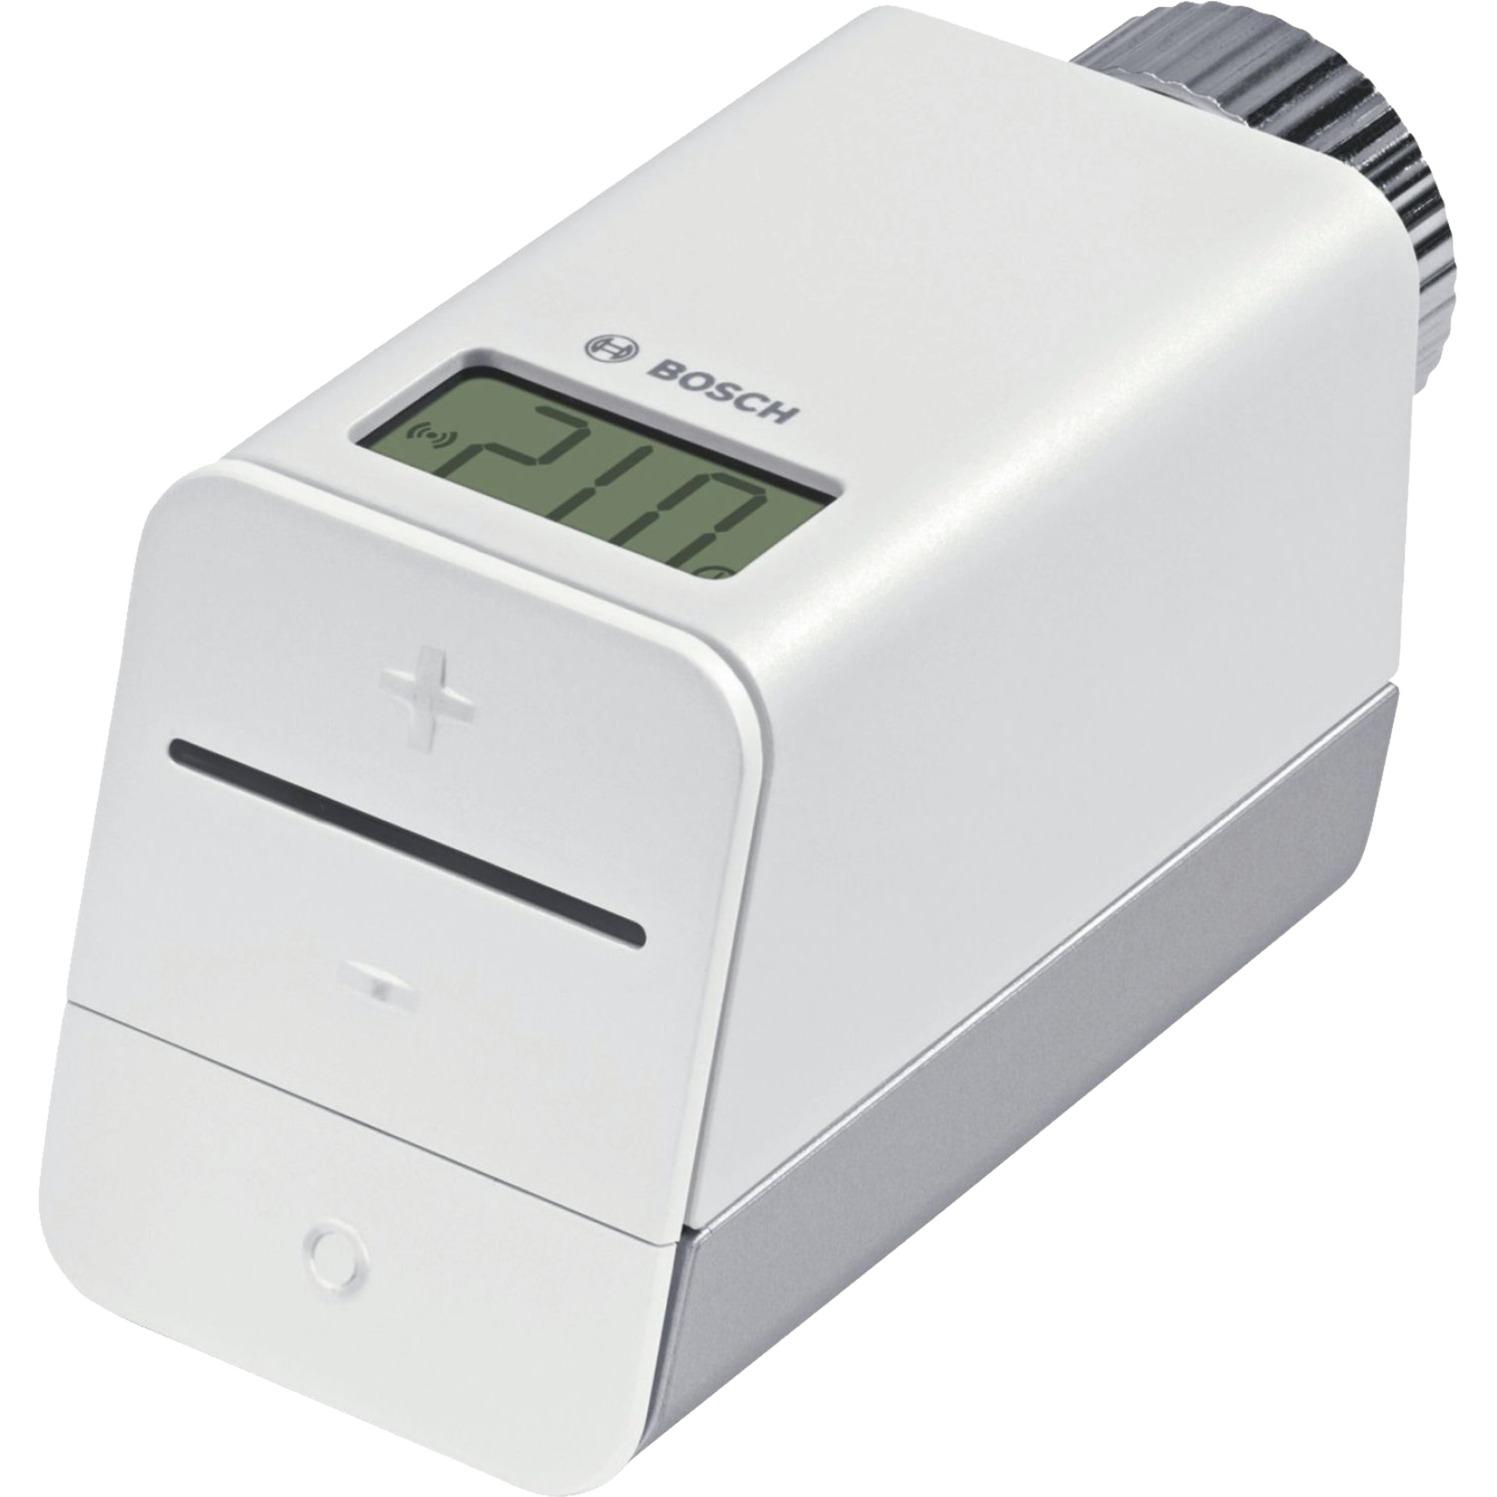 8 750 000 002 RF Gris, Color blanco termoestato, Termostato de la calefacción